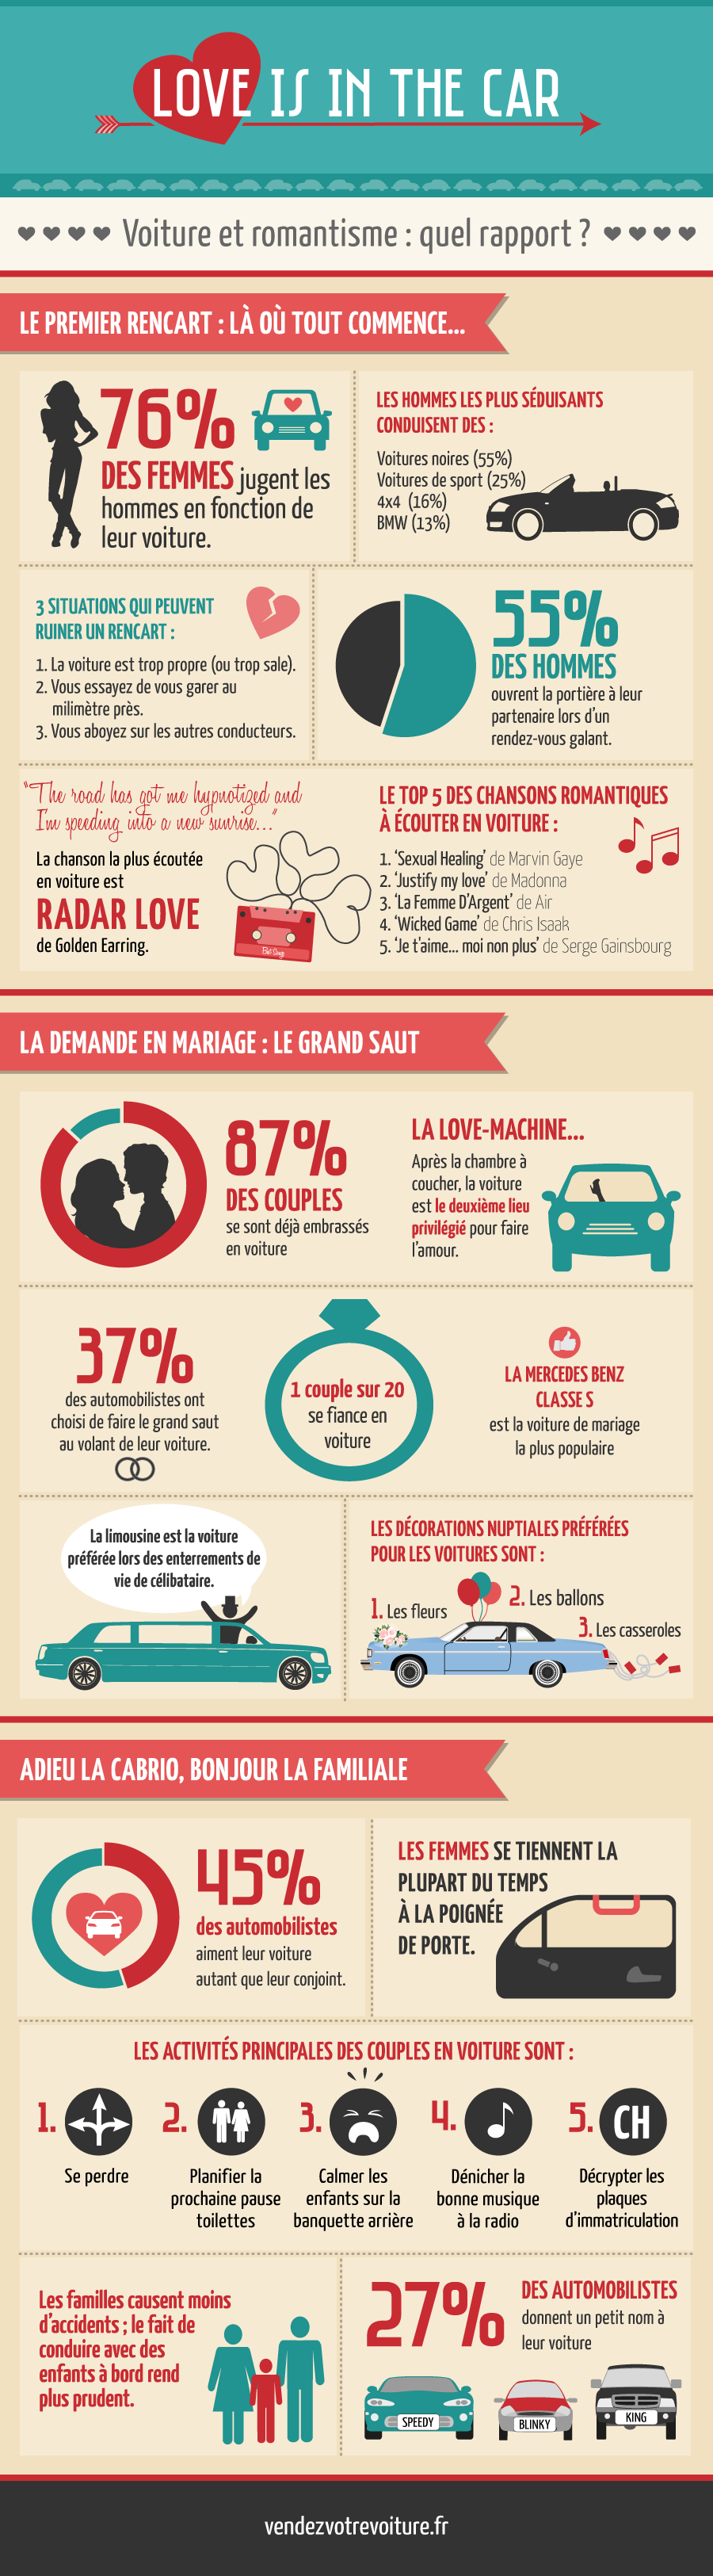 infographie et statistiques sur l'amour et le romantisme en voiture